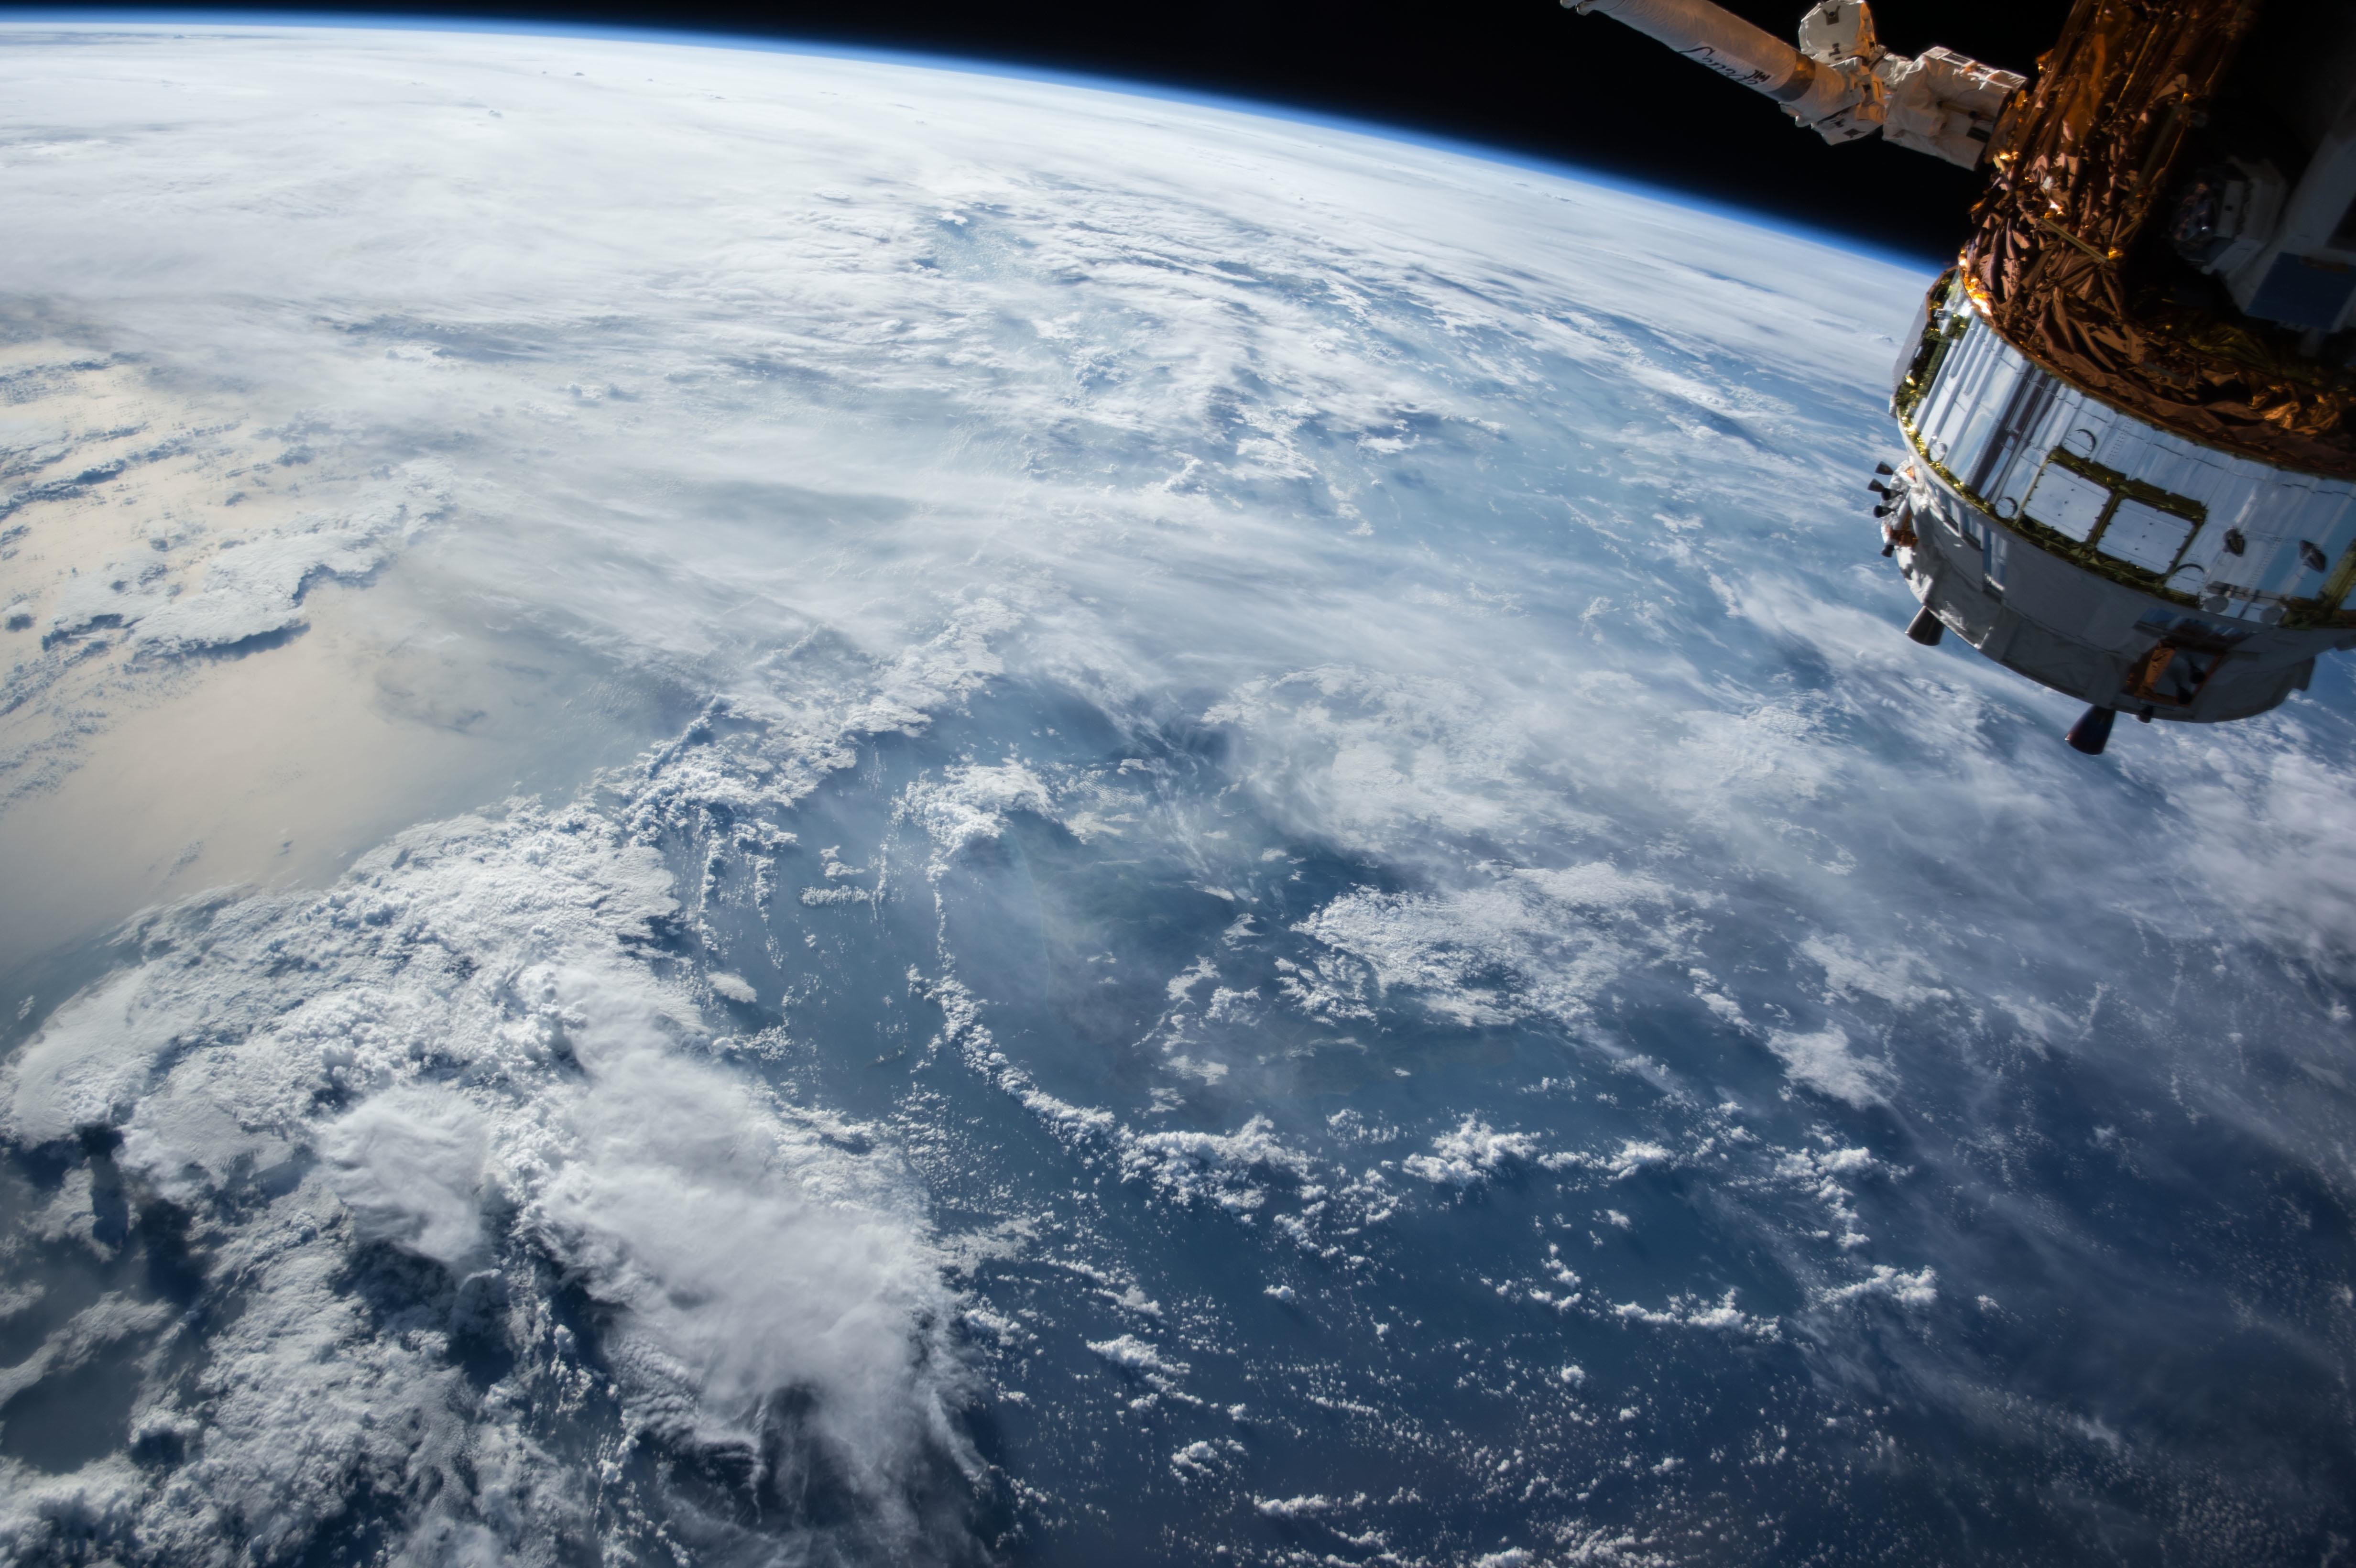 так фотографии со спутника космос пышными картинами